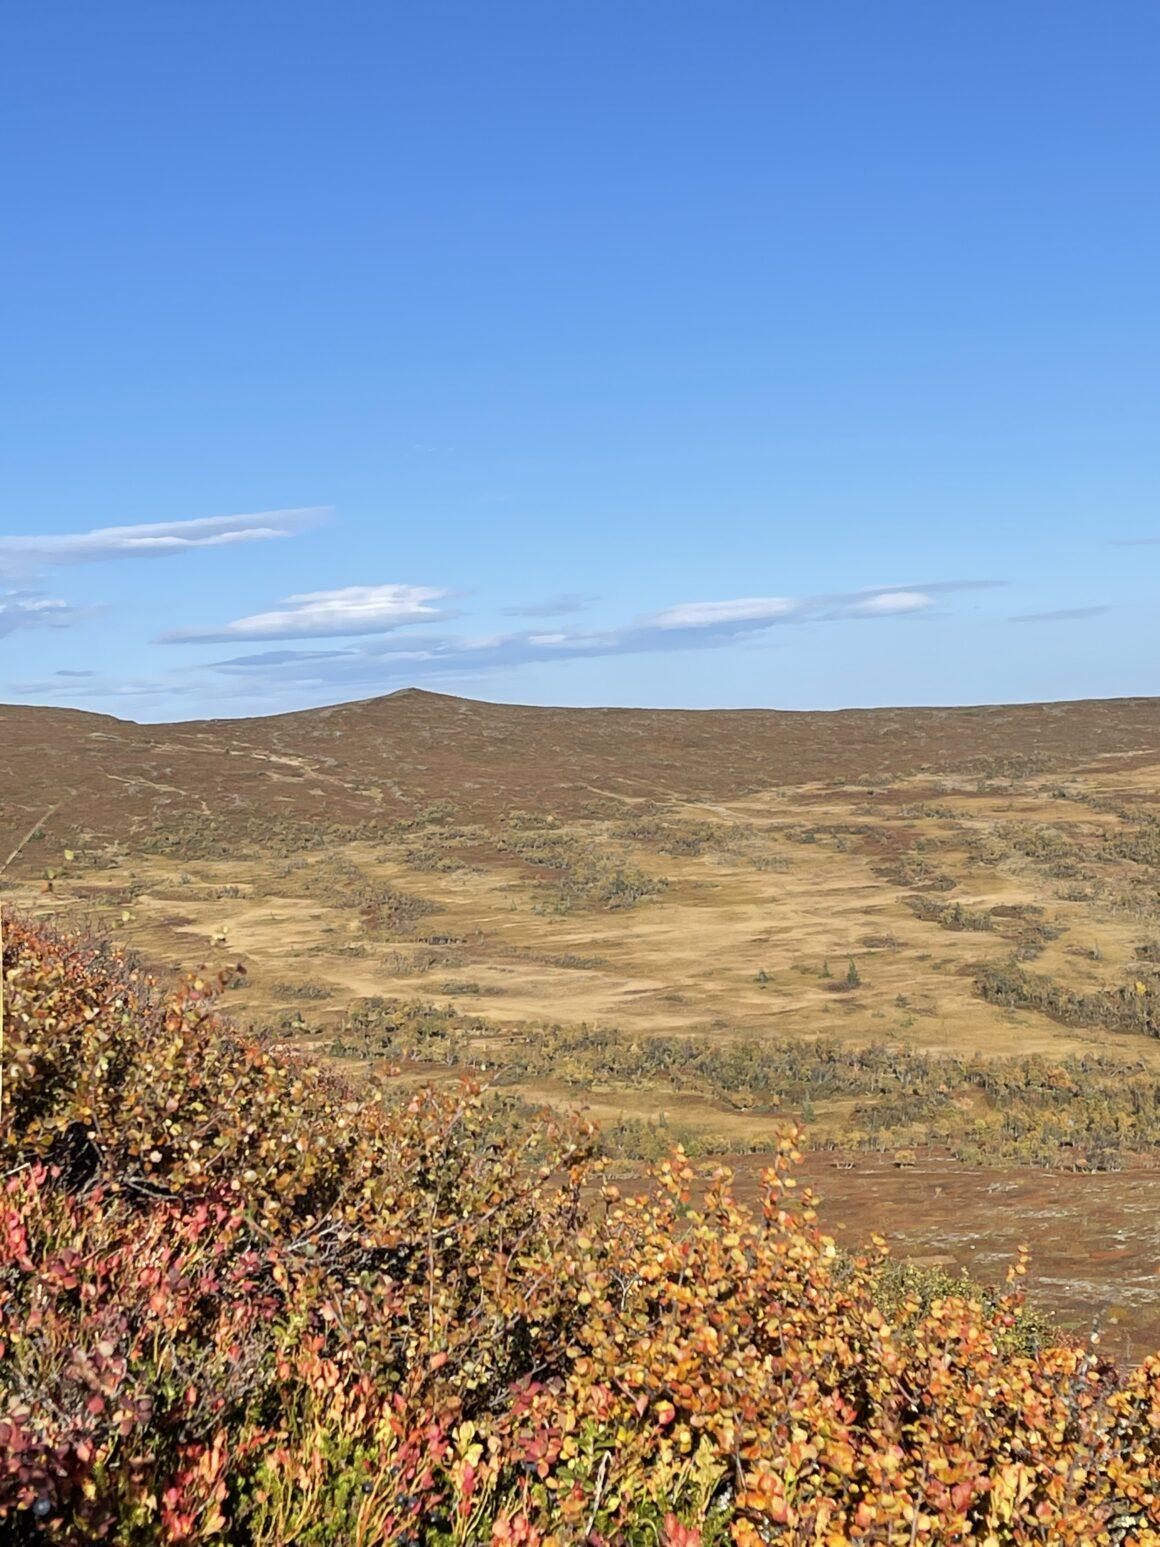 Utsikten vid Särvfjället mot vandringsområdet med flera toppar och oändligt med fin vandring. Här behöver man verkligen inte trängas.